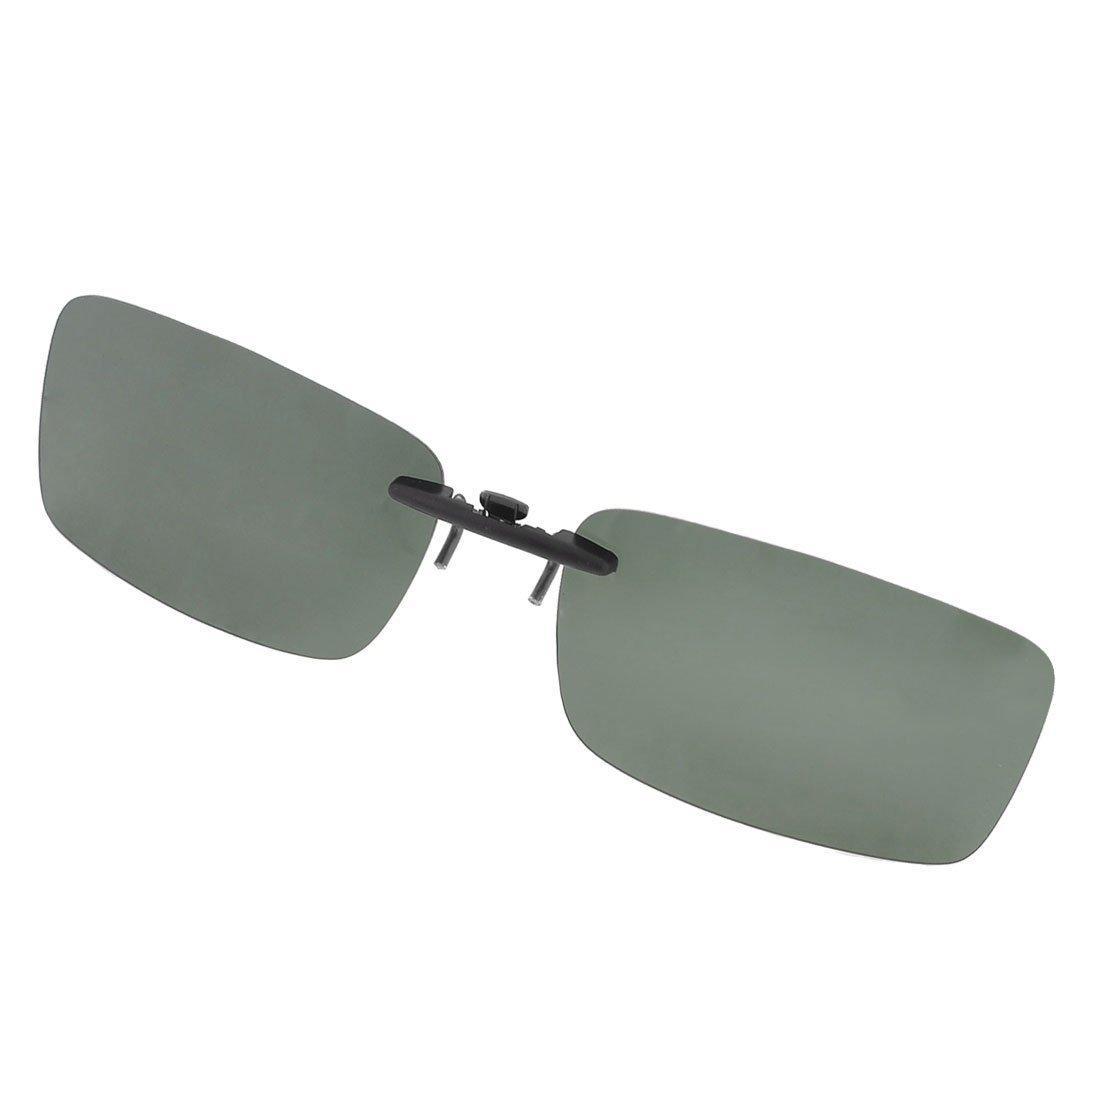 TOOGOO(R) Unisex chiari scuri Verde occhiali da sole polarizzati lente clip su occhiali da vista